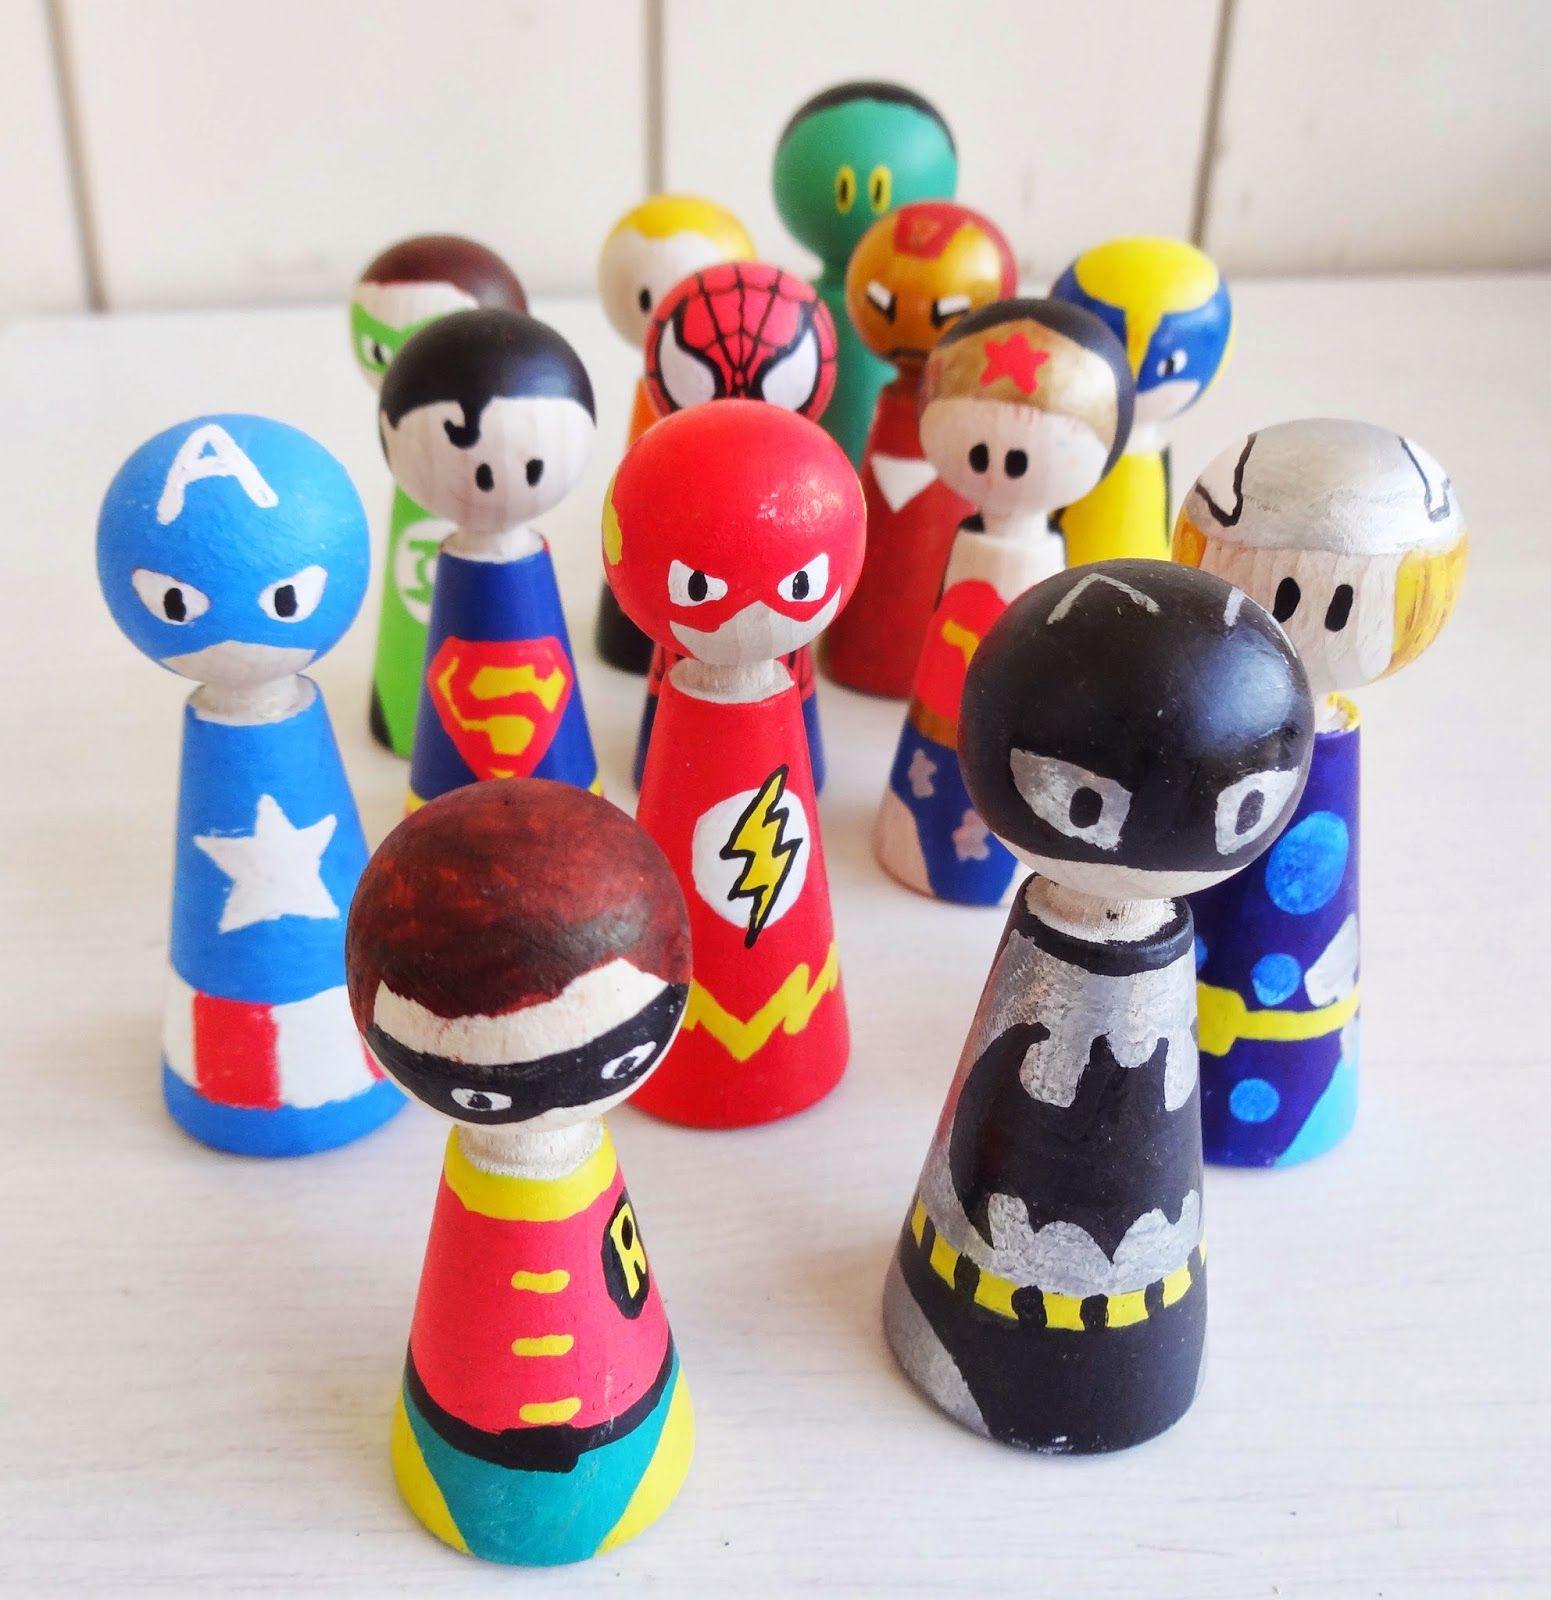 Basteln malen kuchen backen superhelden basteln mit kindern - Spielfiguren basteln ...